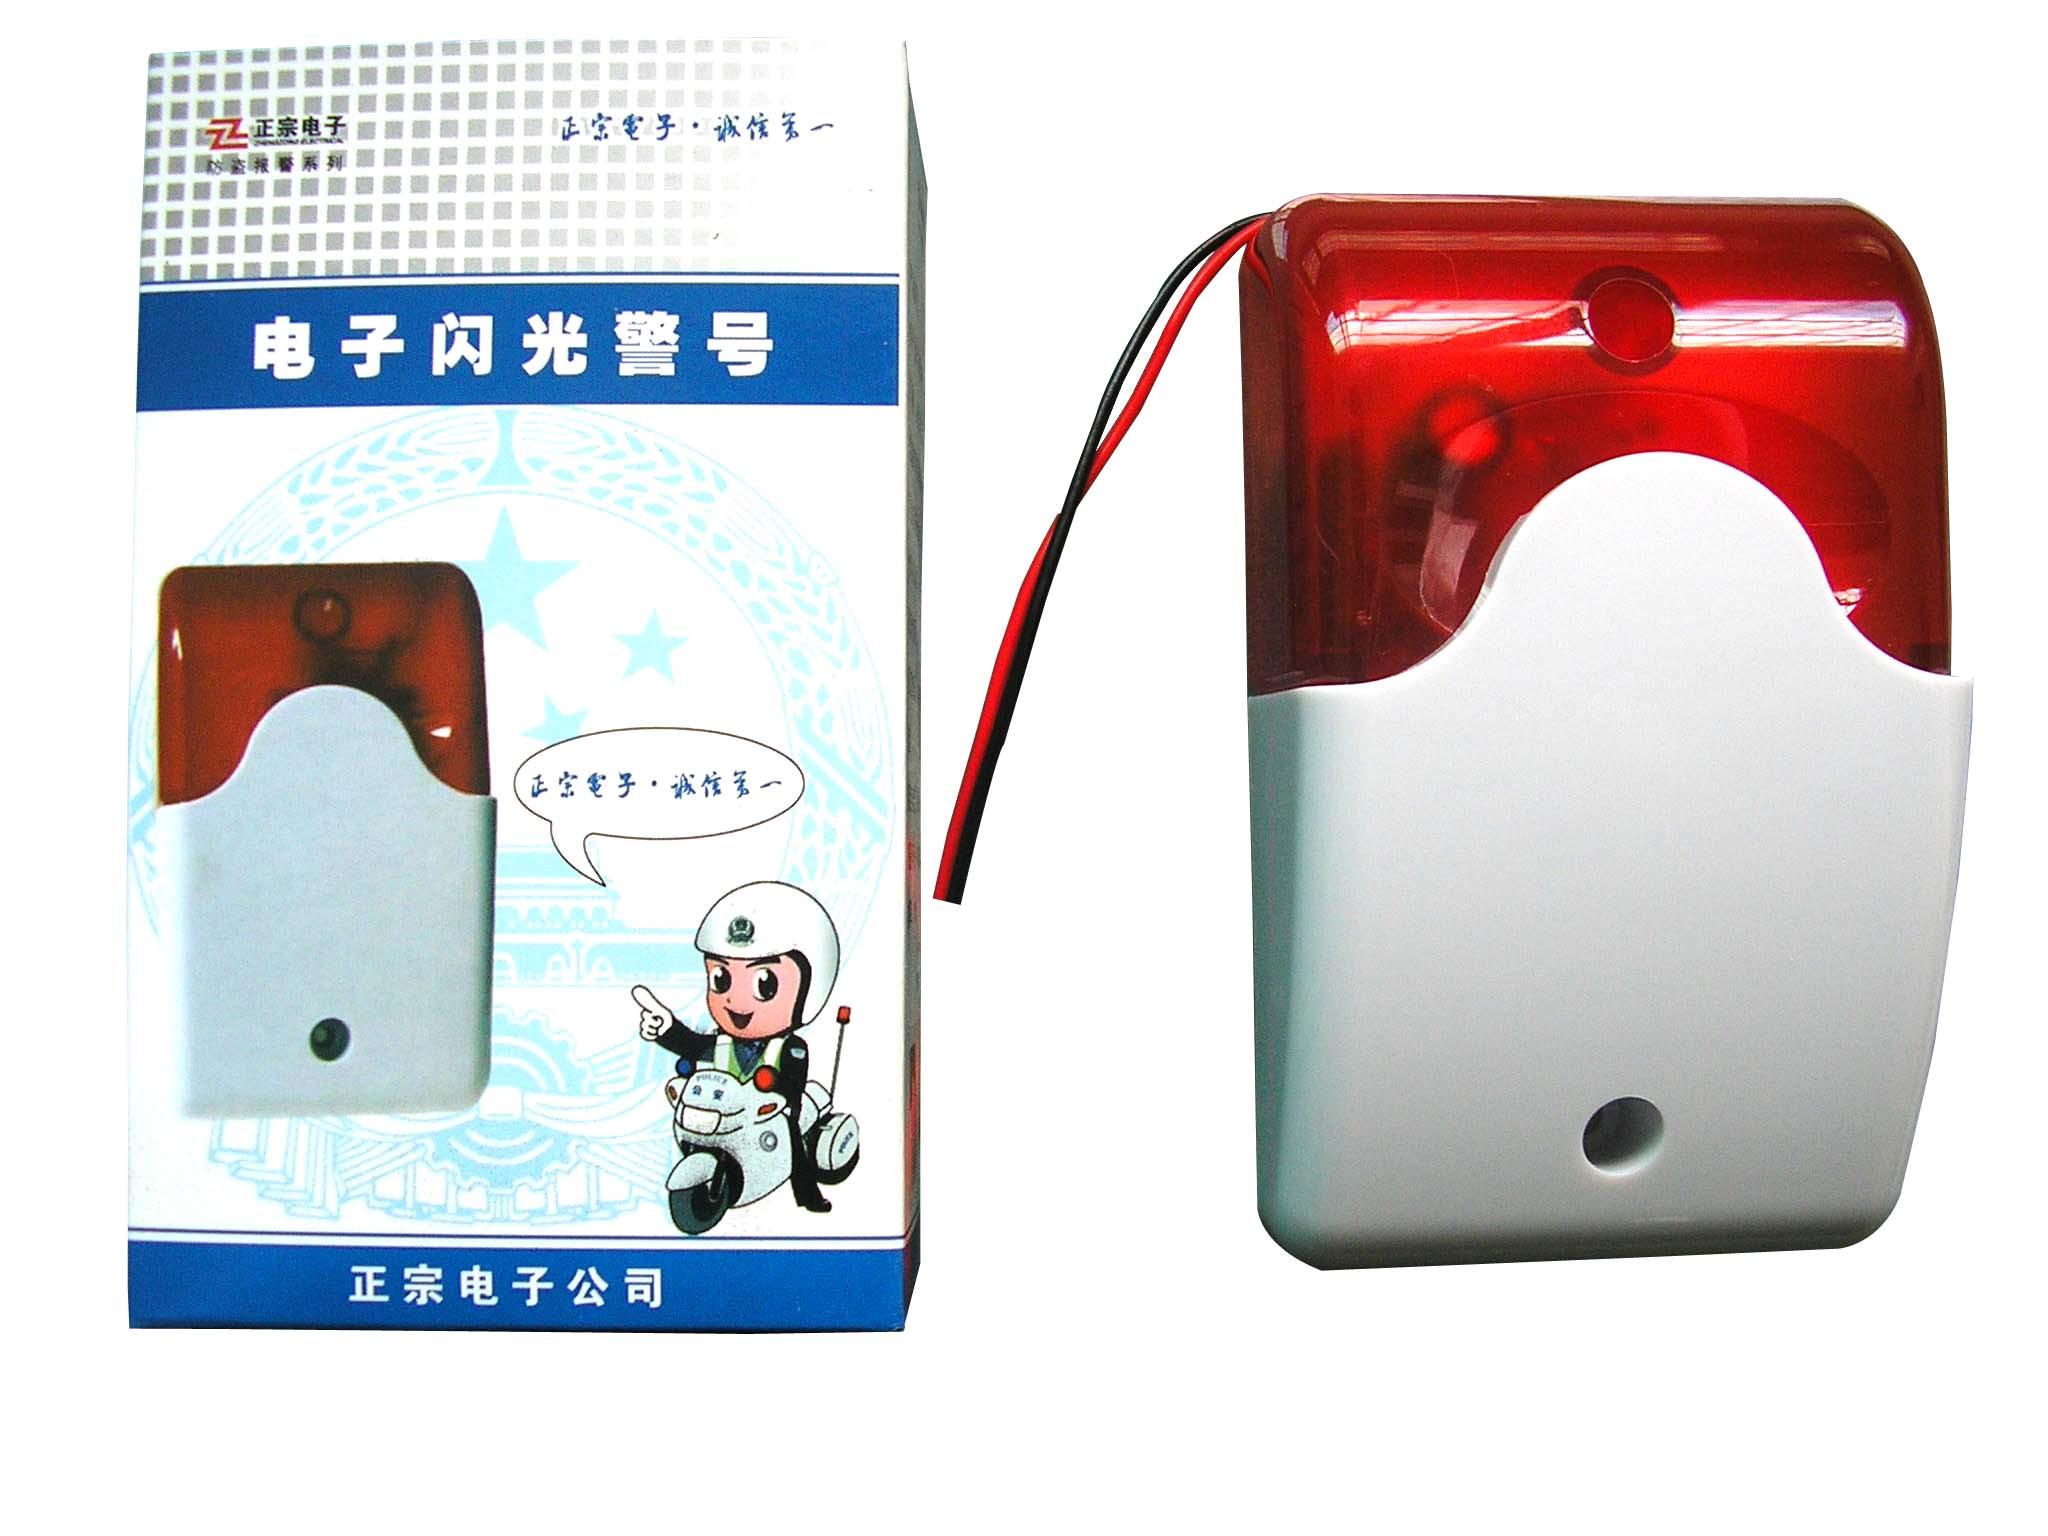 Сигнал тревоги Производители рекламных 220В вспышка сирена☆с мигалками сиреной☆звуковой сигнал и световая сигнализация☆103 сигнализации